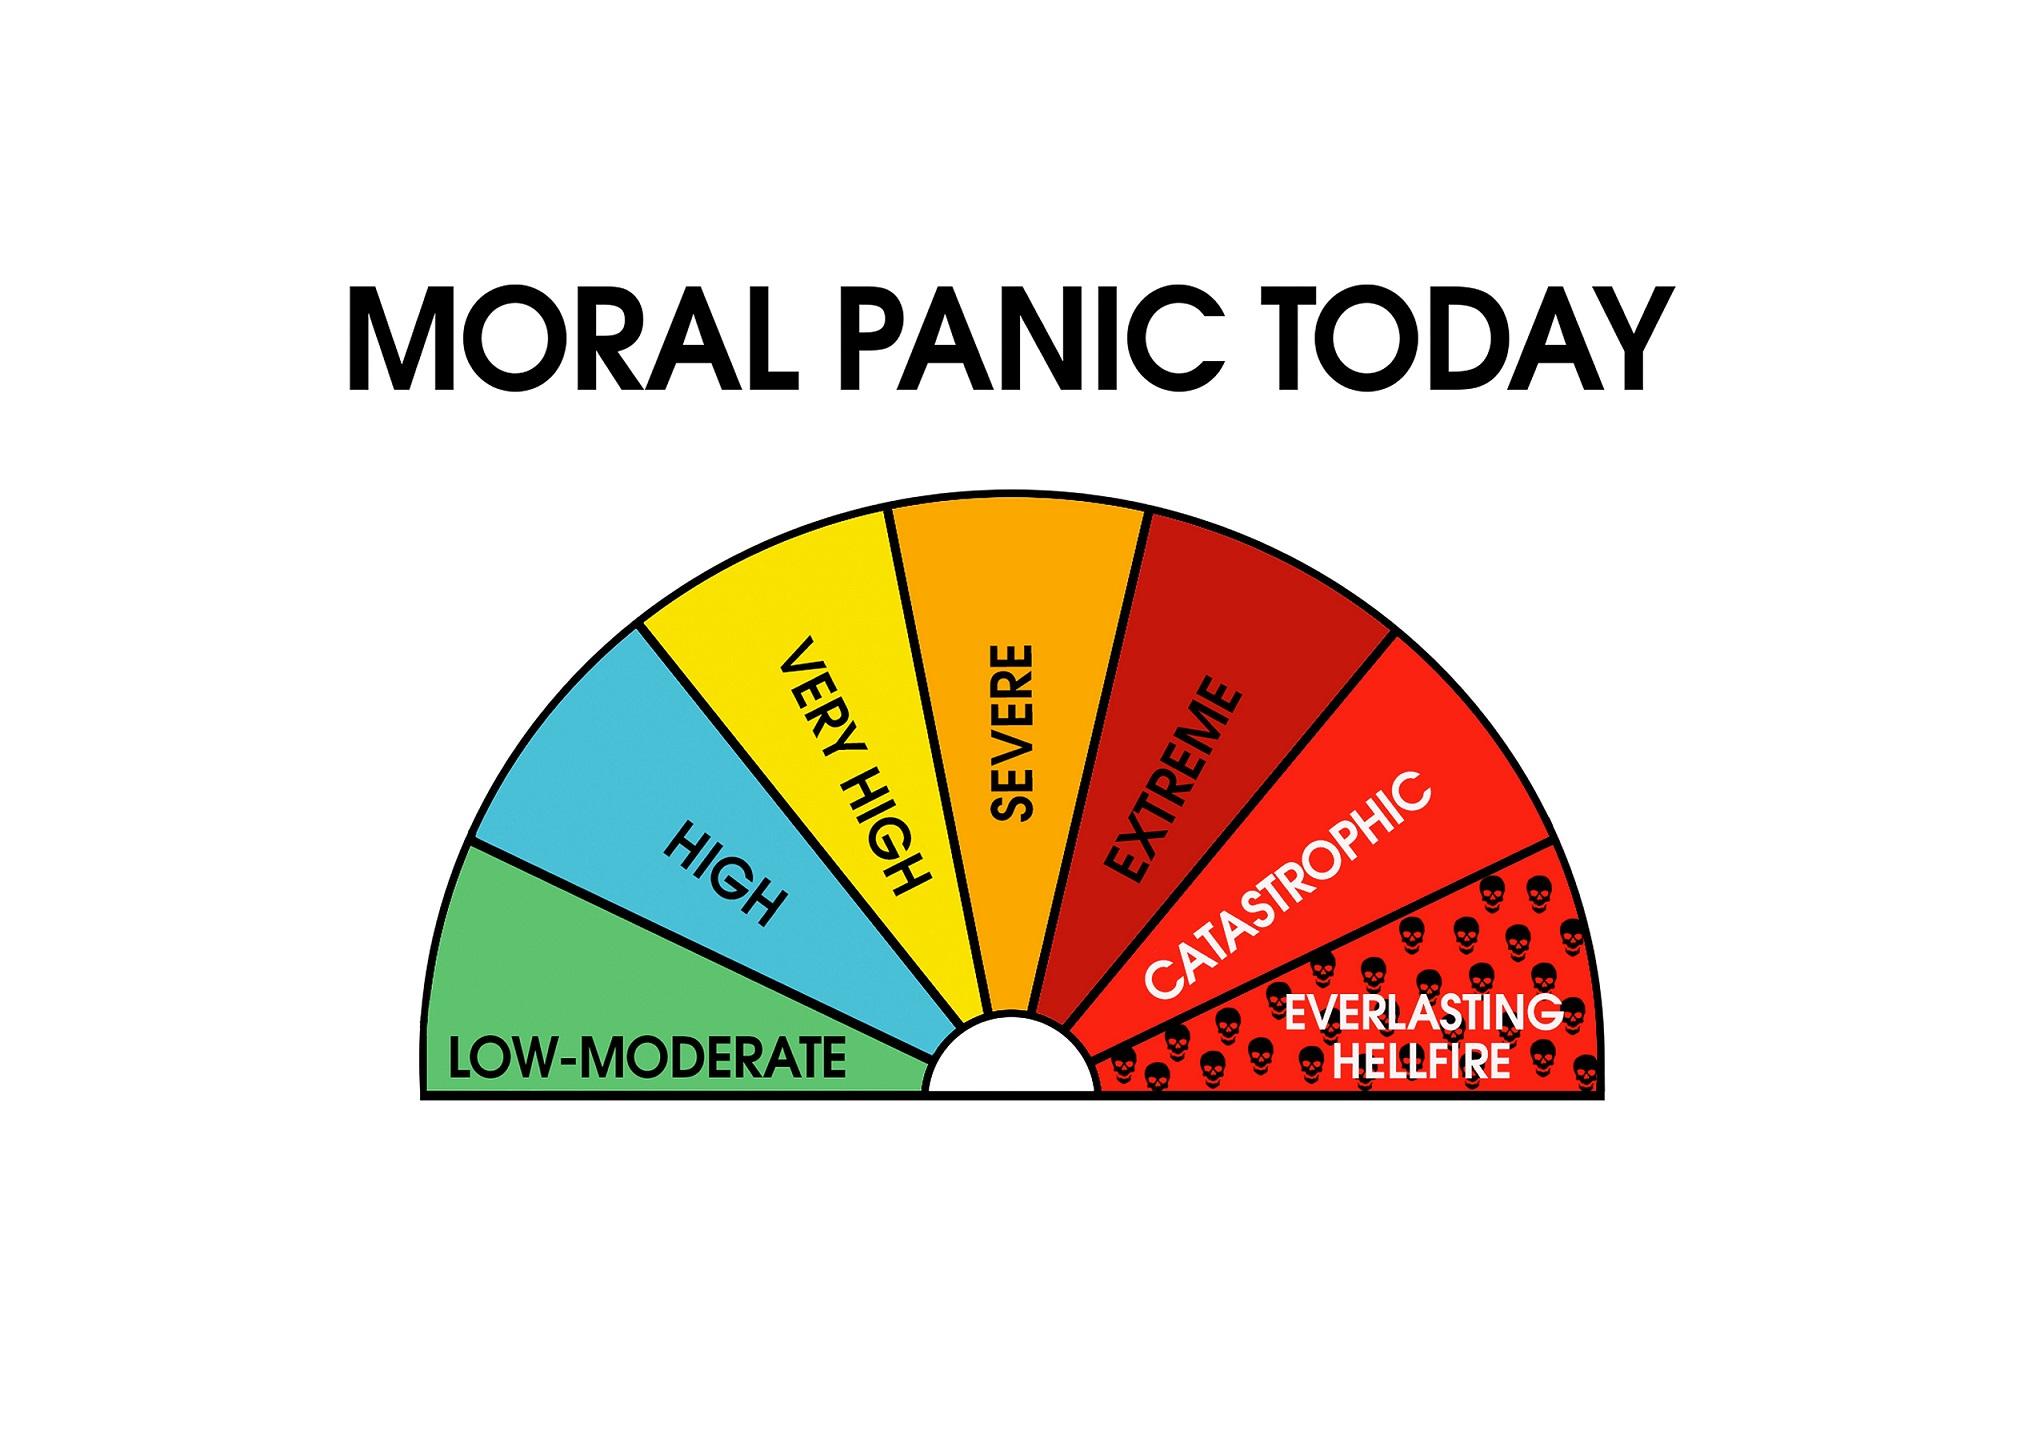 Moral panic today